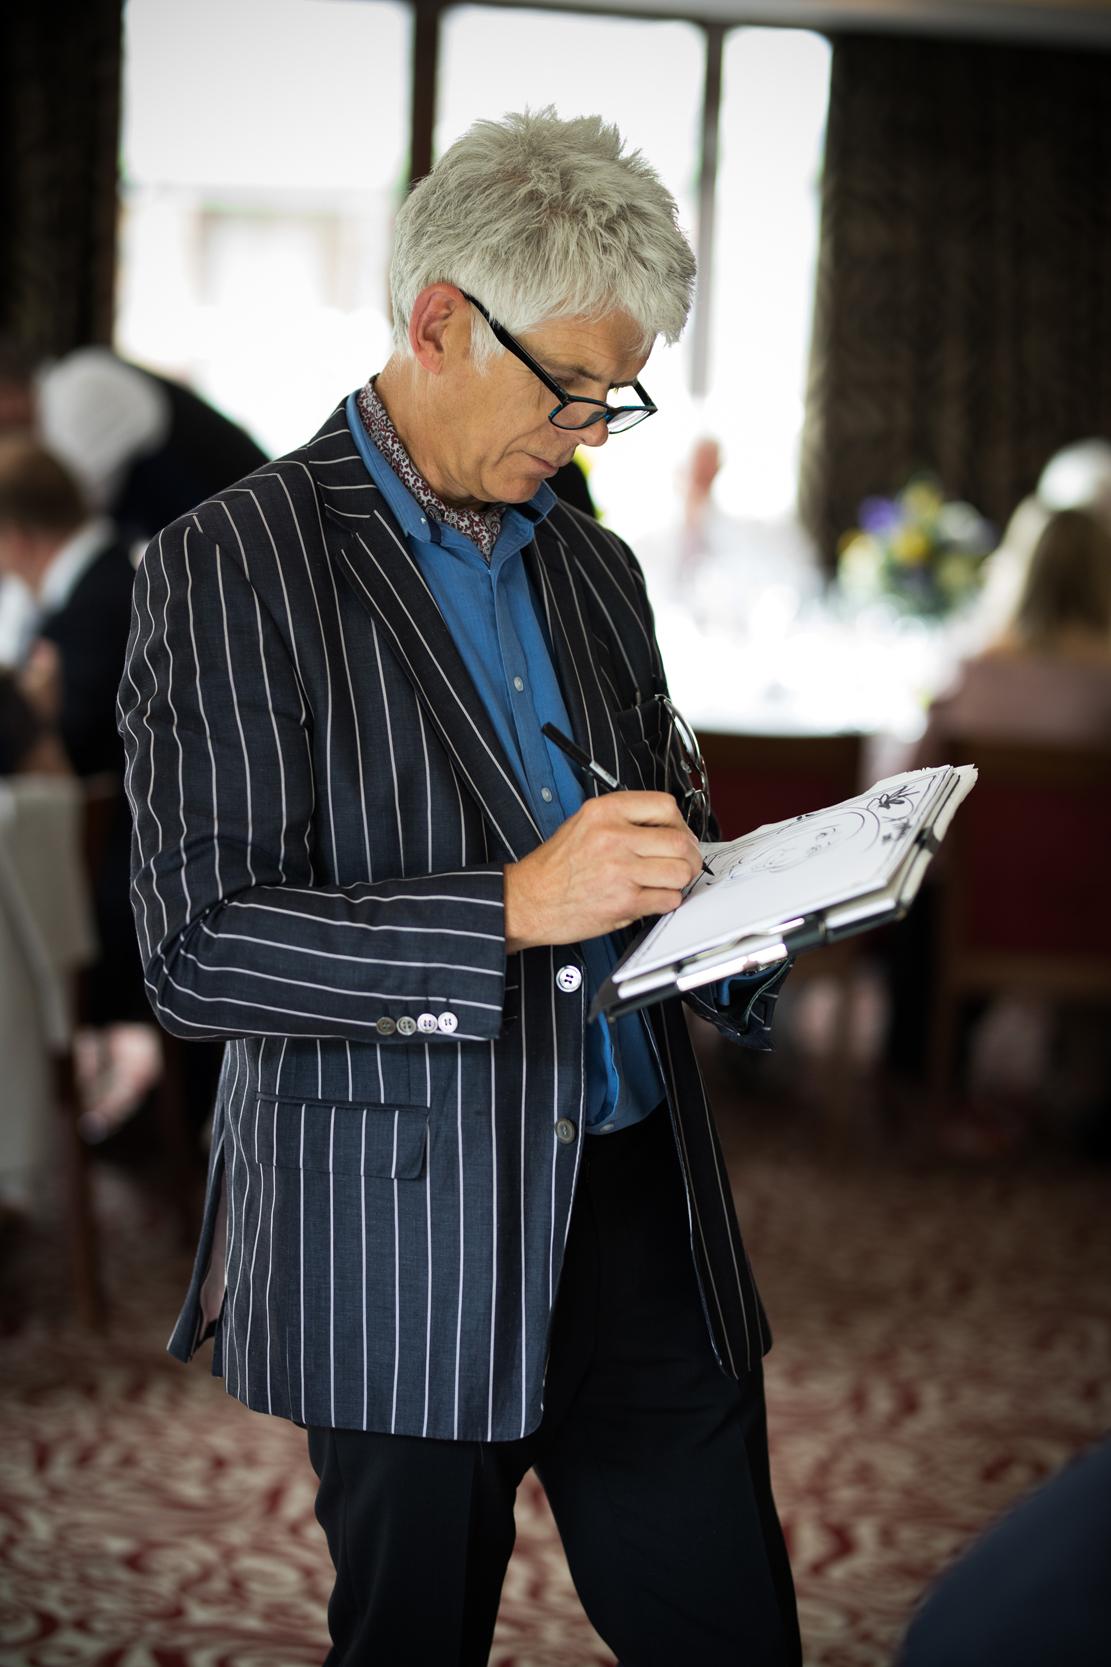 Chris drawing at a wedding